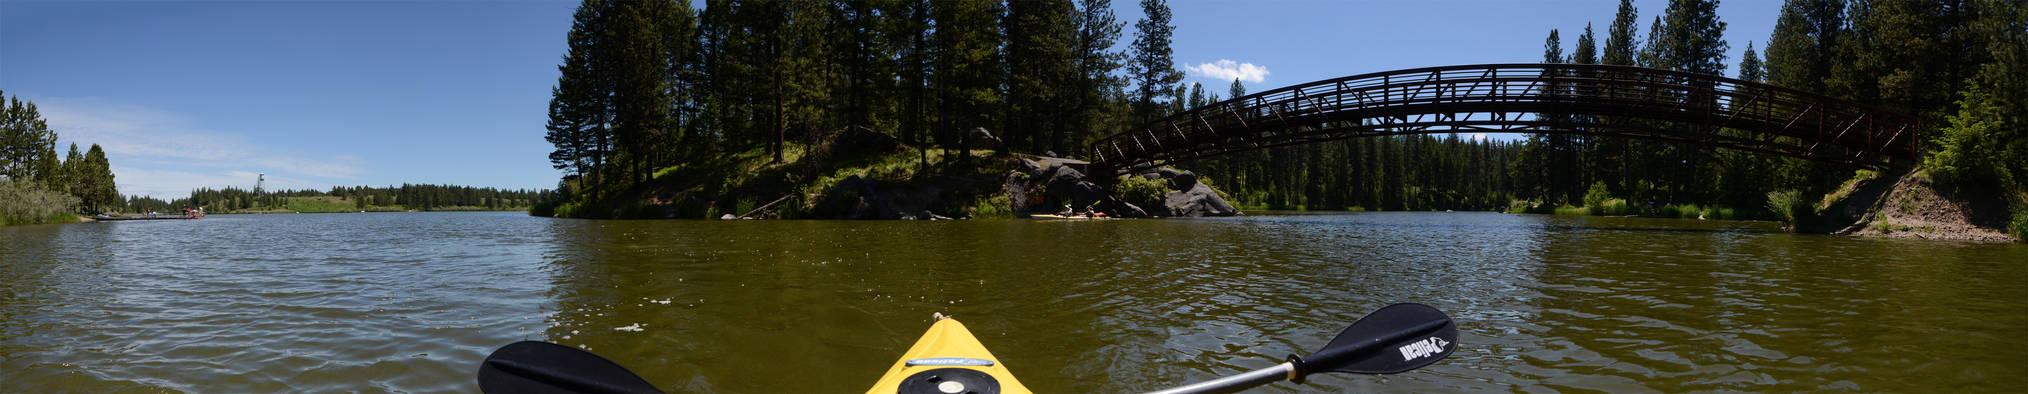 Lapwai Lake 2012-06-30